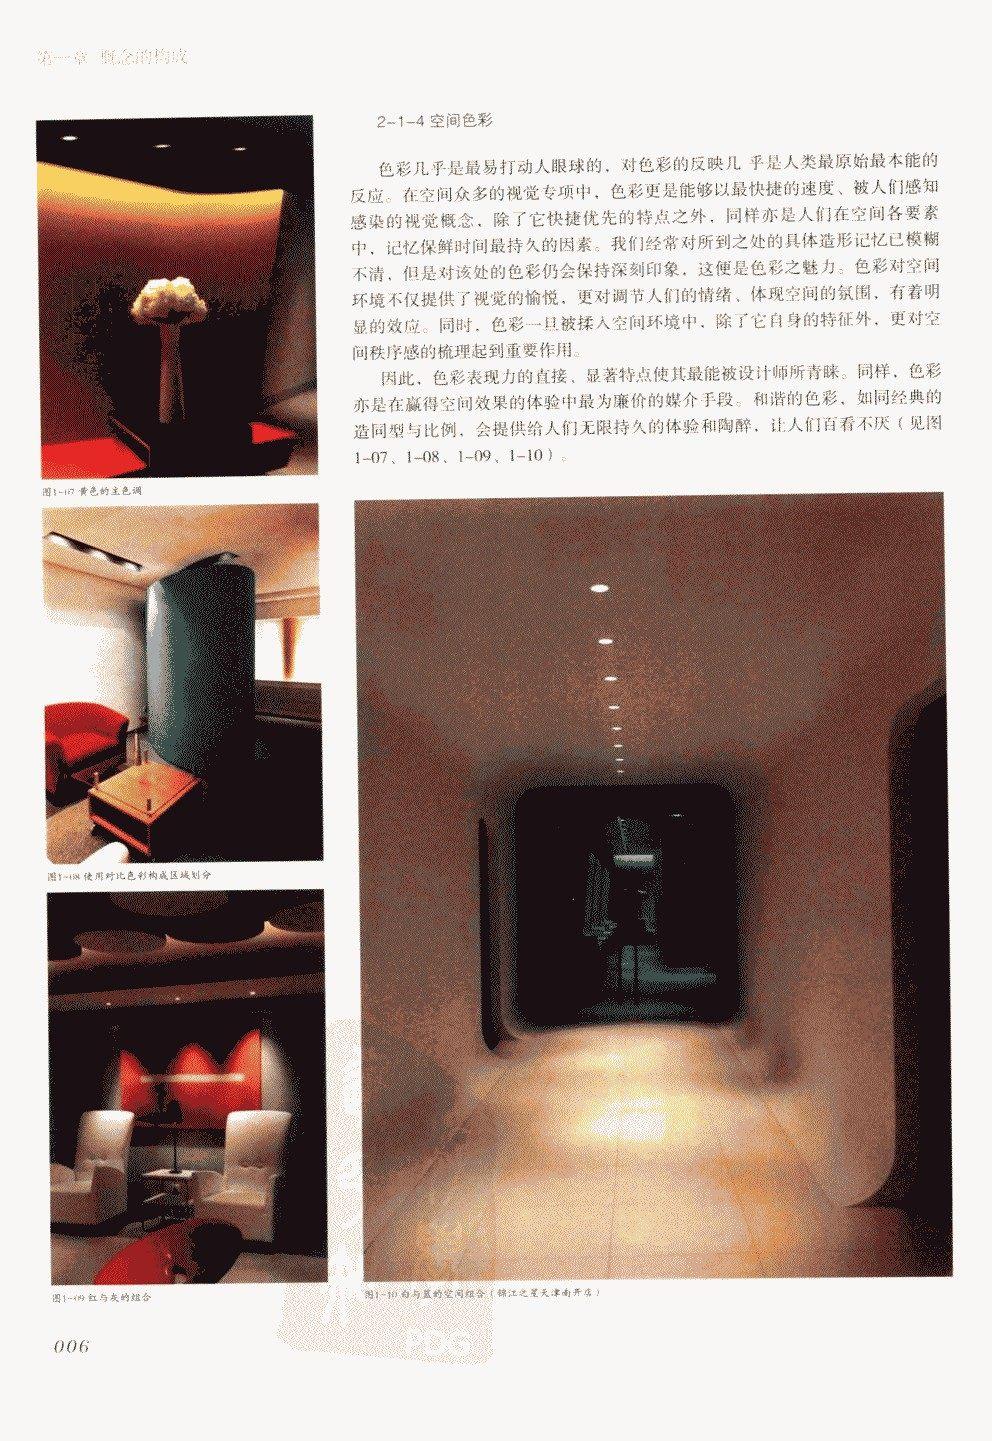 室内设计纲要++概念思考与过程表达_室内设计纲要  概念思考与过程表达_1297982..._页面_014.jpg